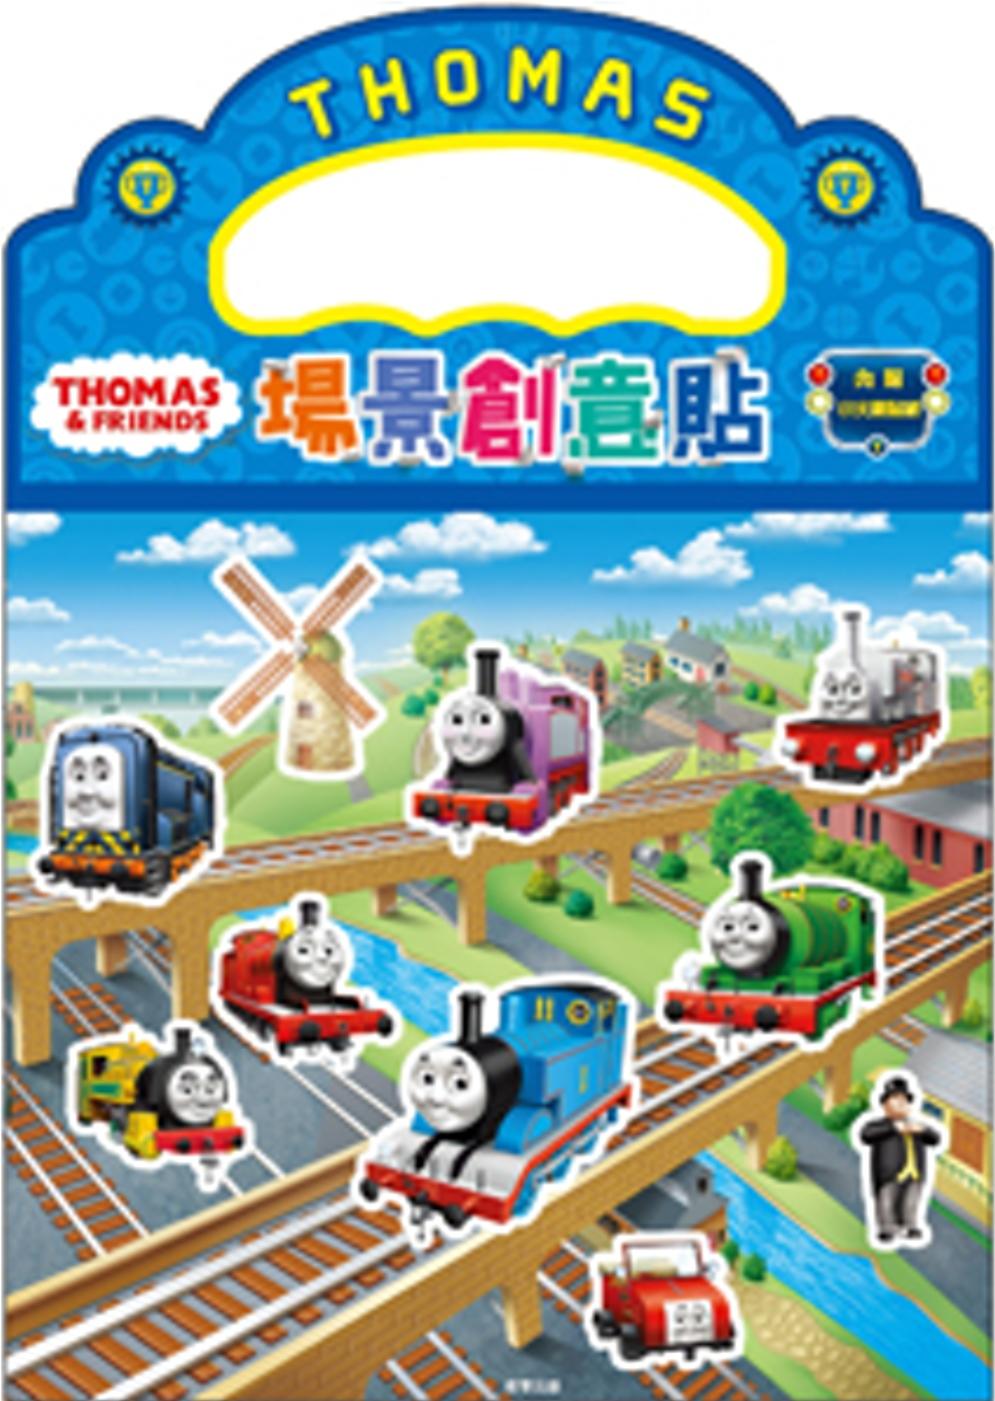 場景創意貼湯瑪士小火車